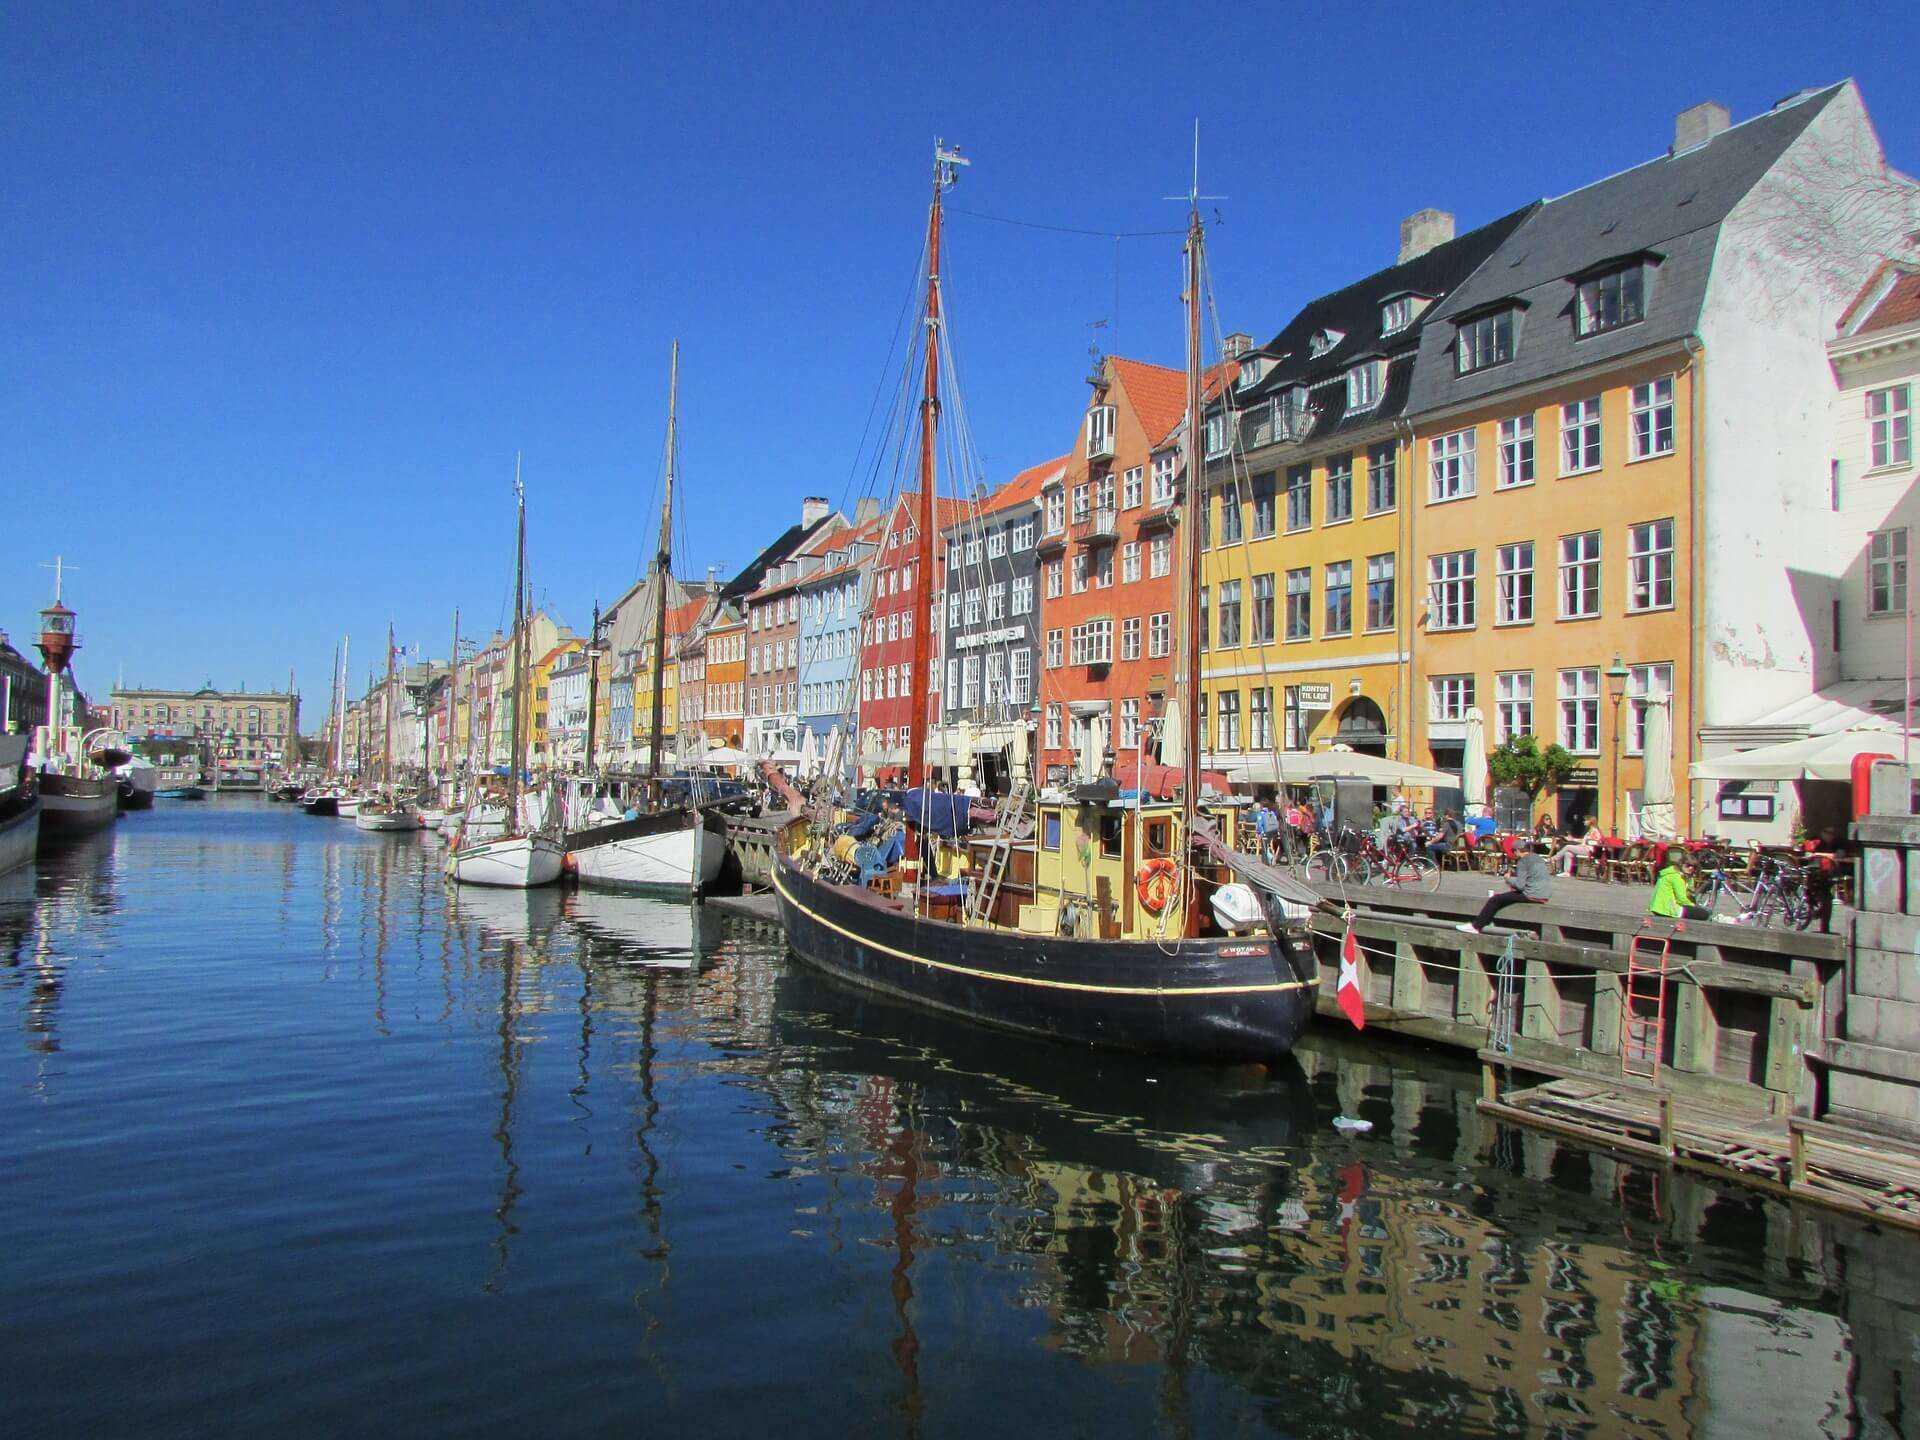 Direktflüge und Billigflüge nach Kopenhagen